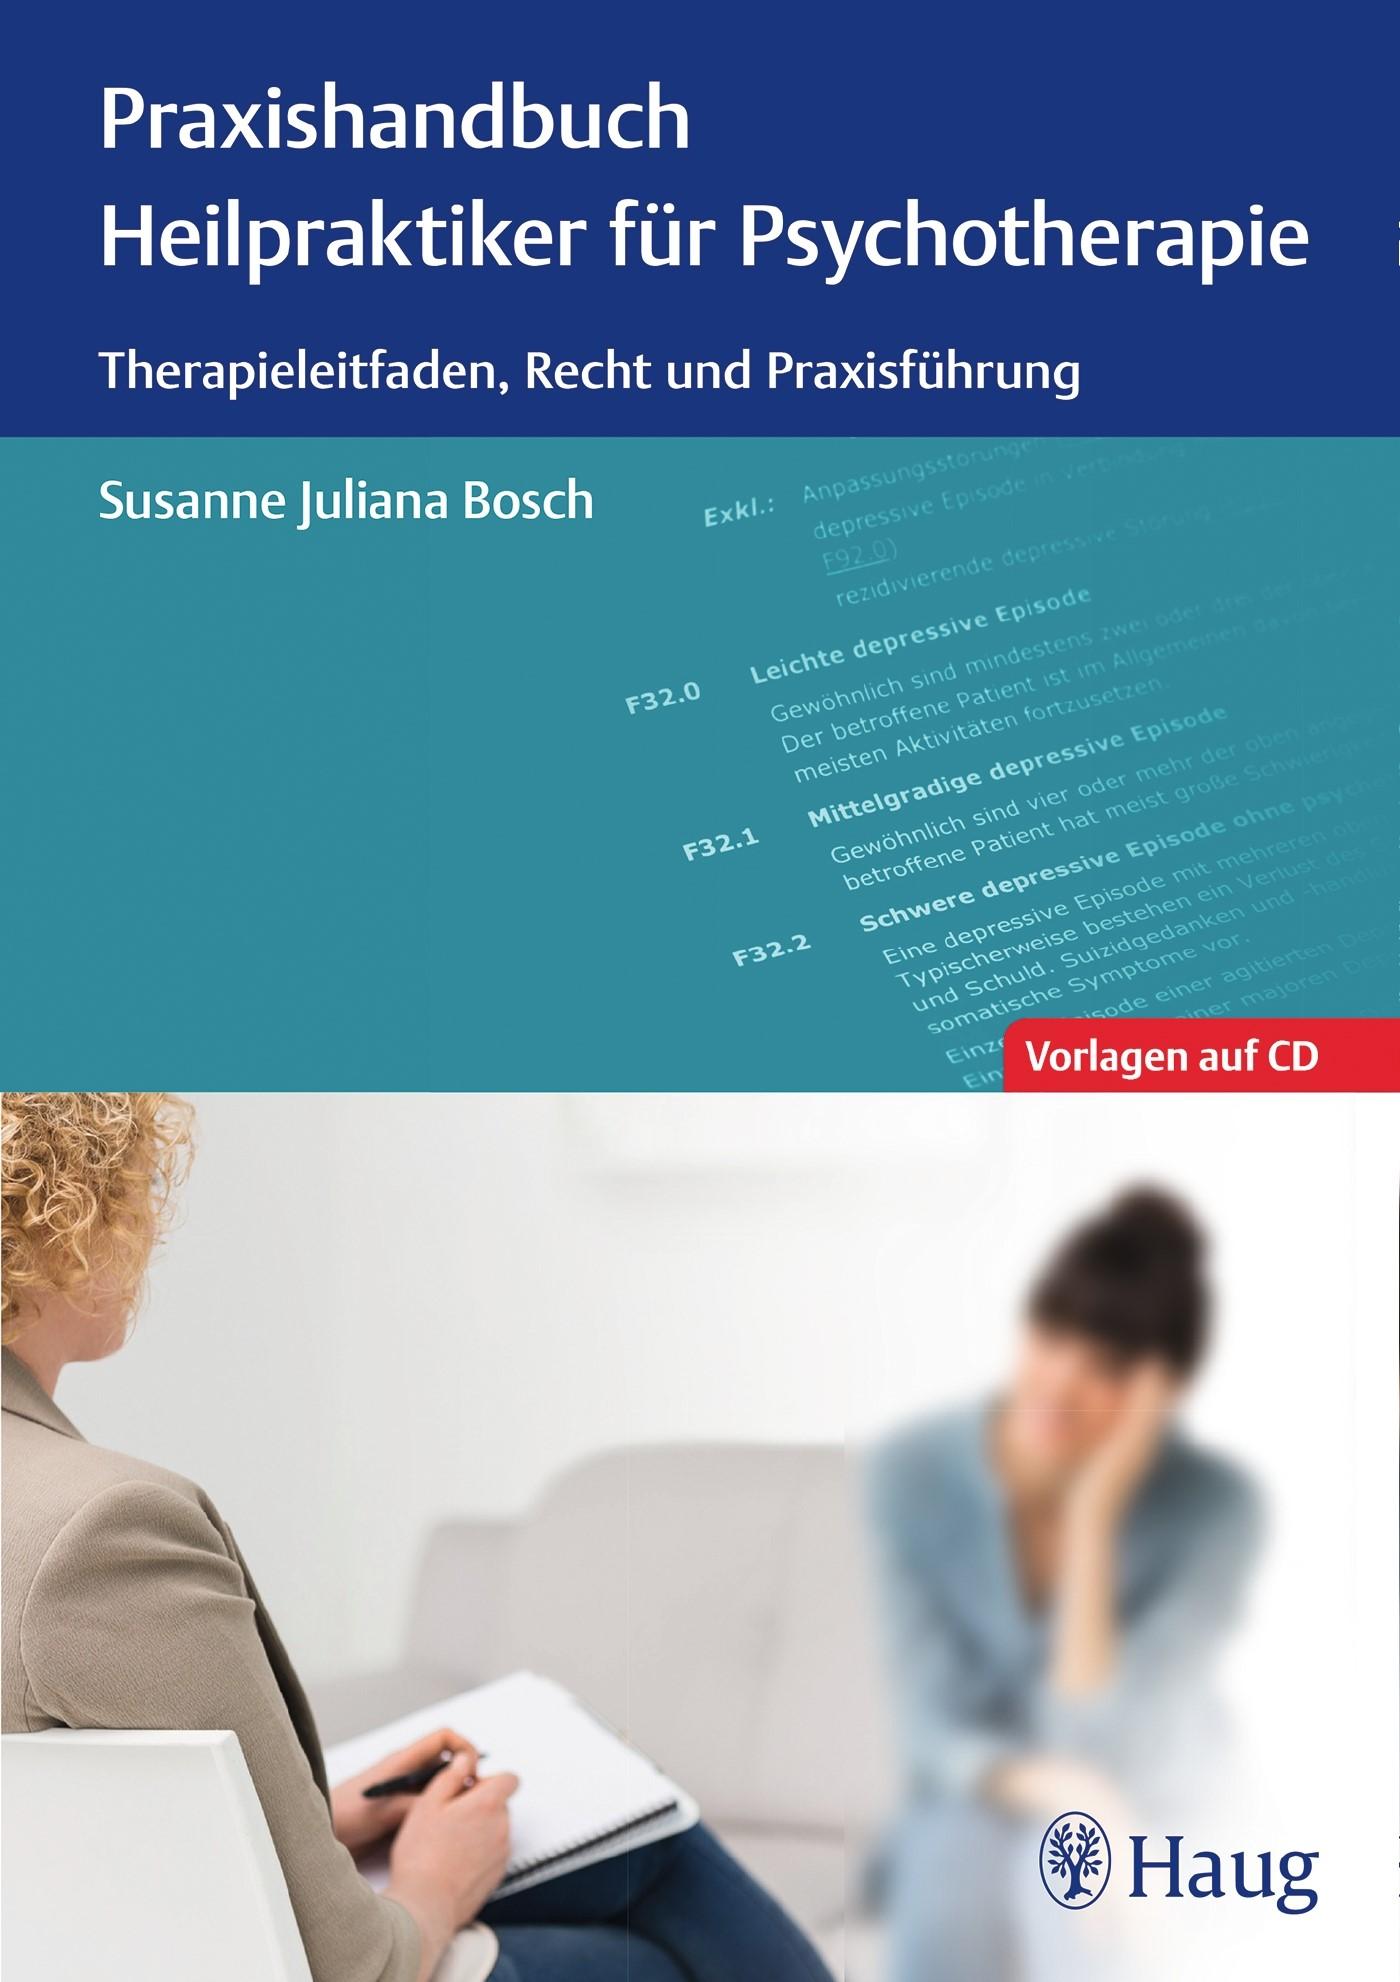 Praxishandbuch Heilpraktiker für Psychotherapie | Bosch, 2016 (Cover)